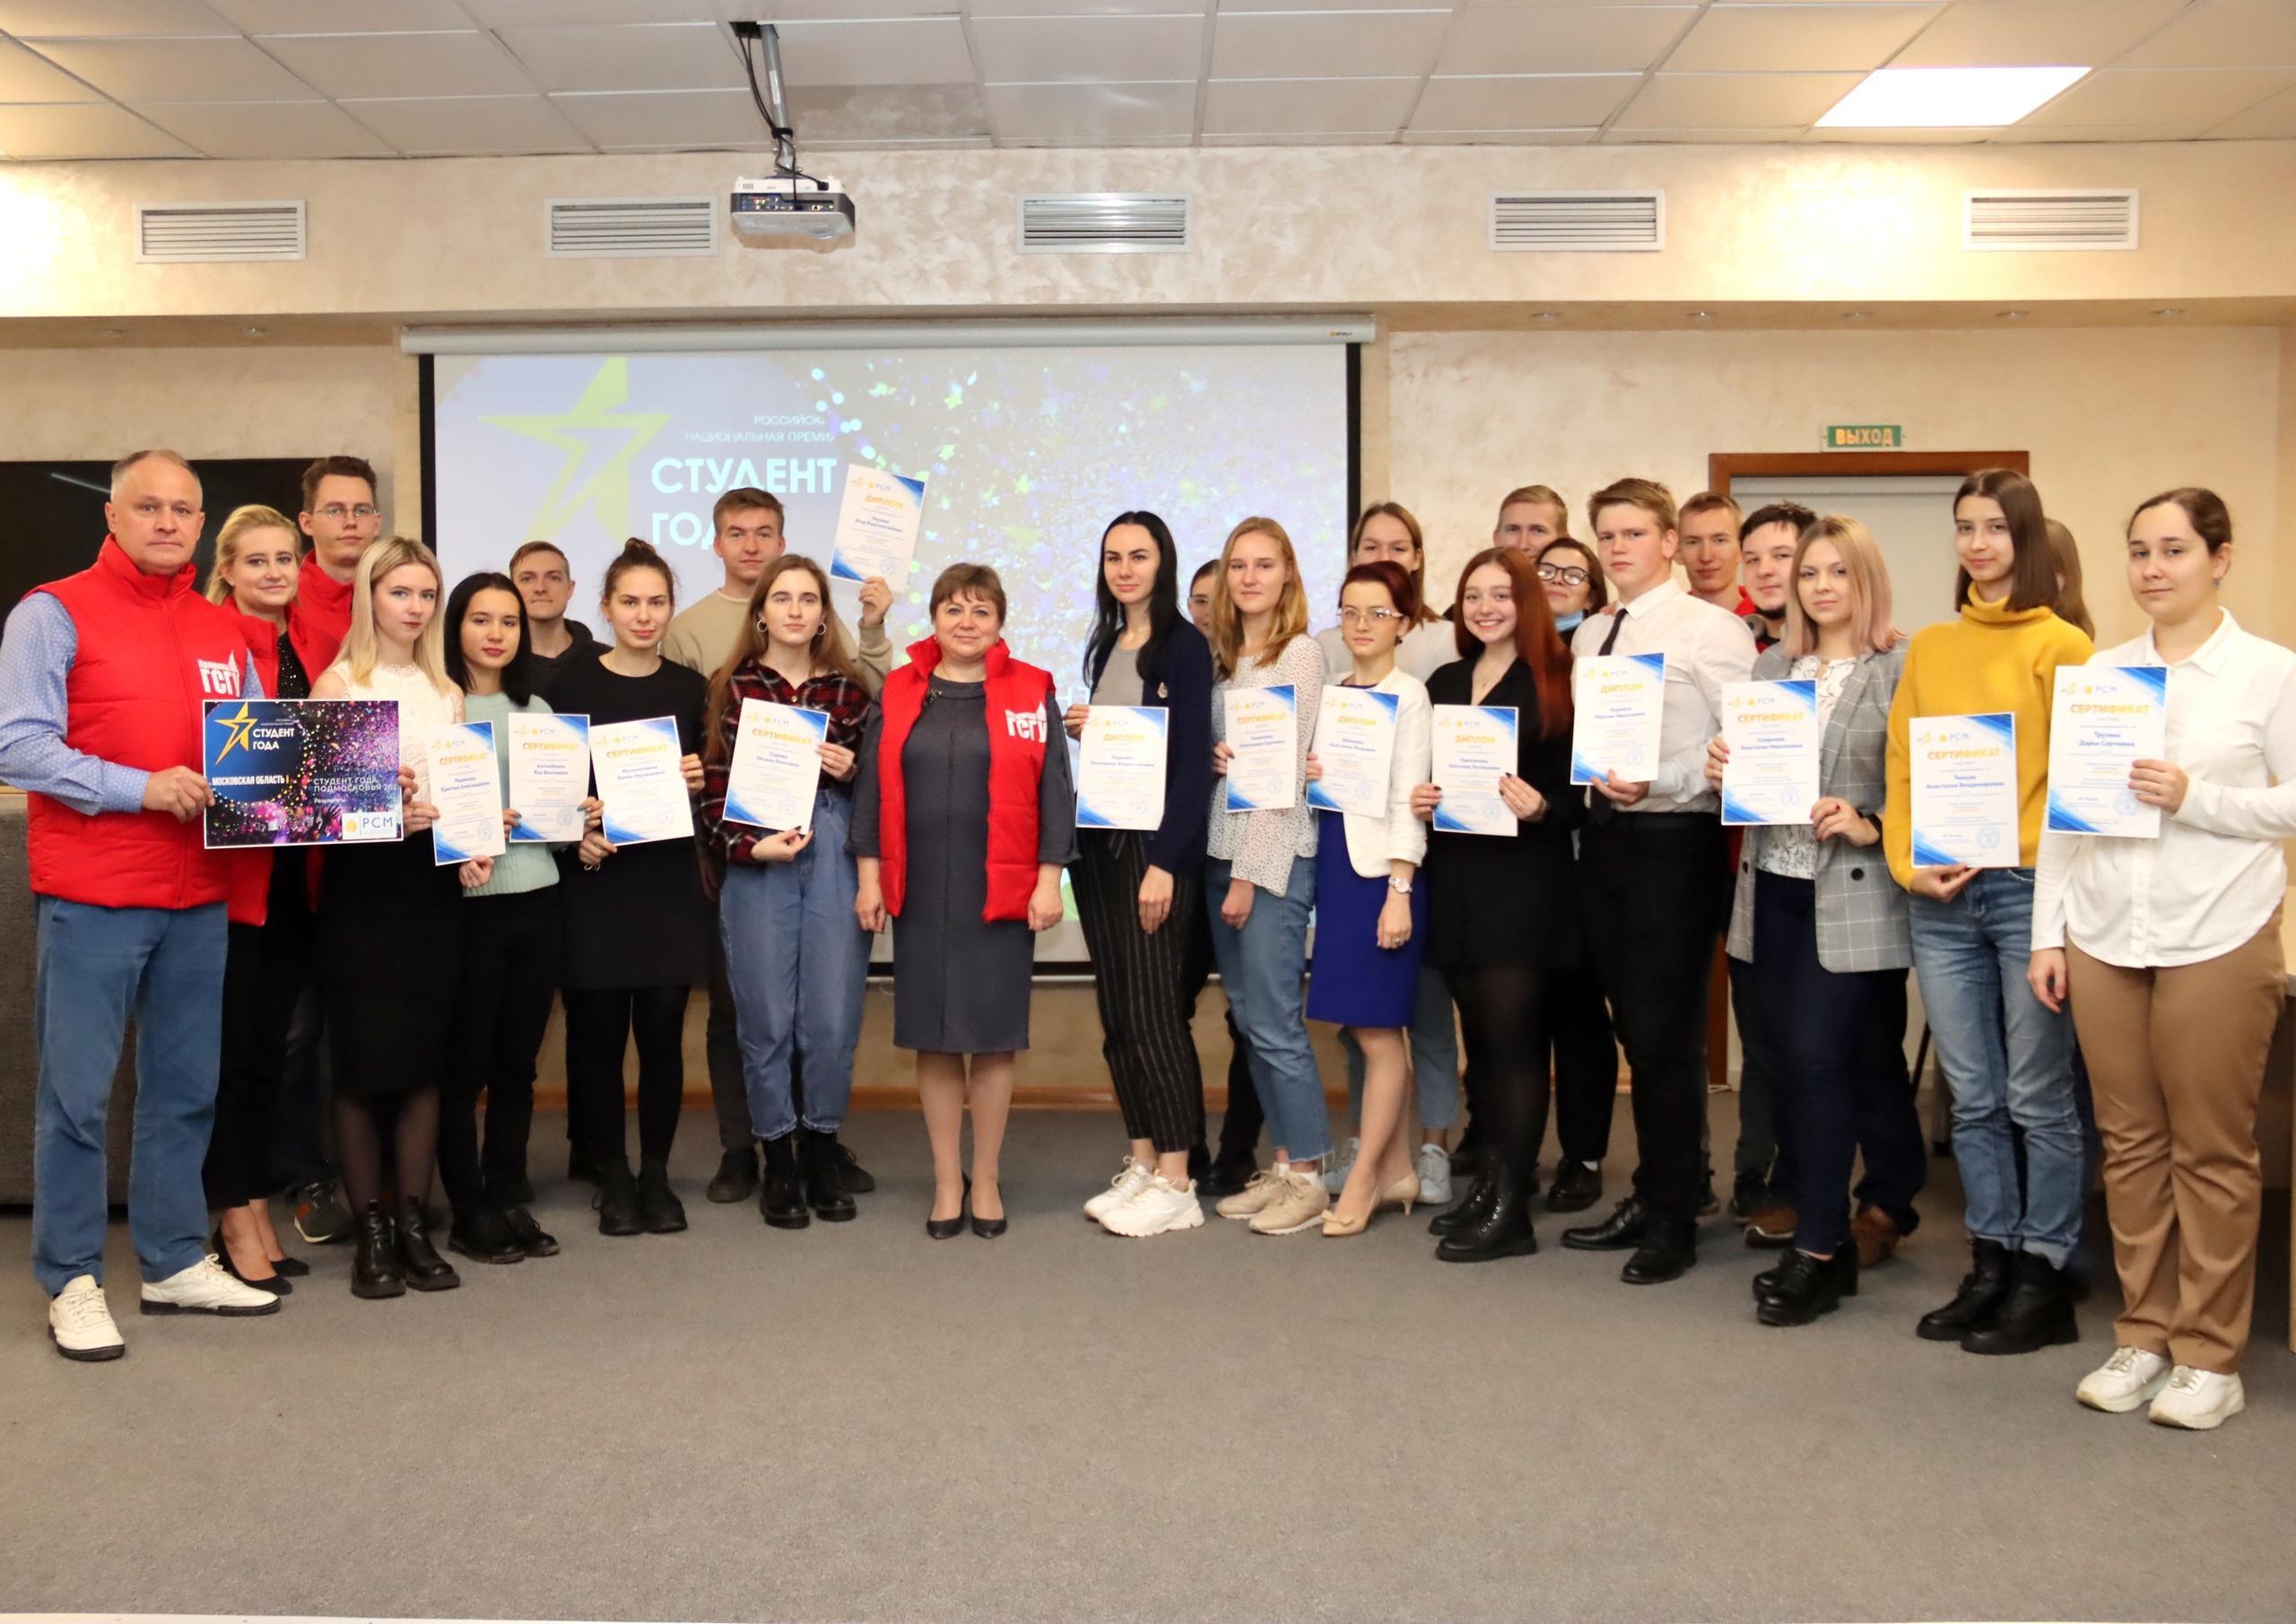 Двадцать студентов ГСГУ получили дипломы премии «Студент года 2021»